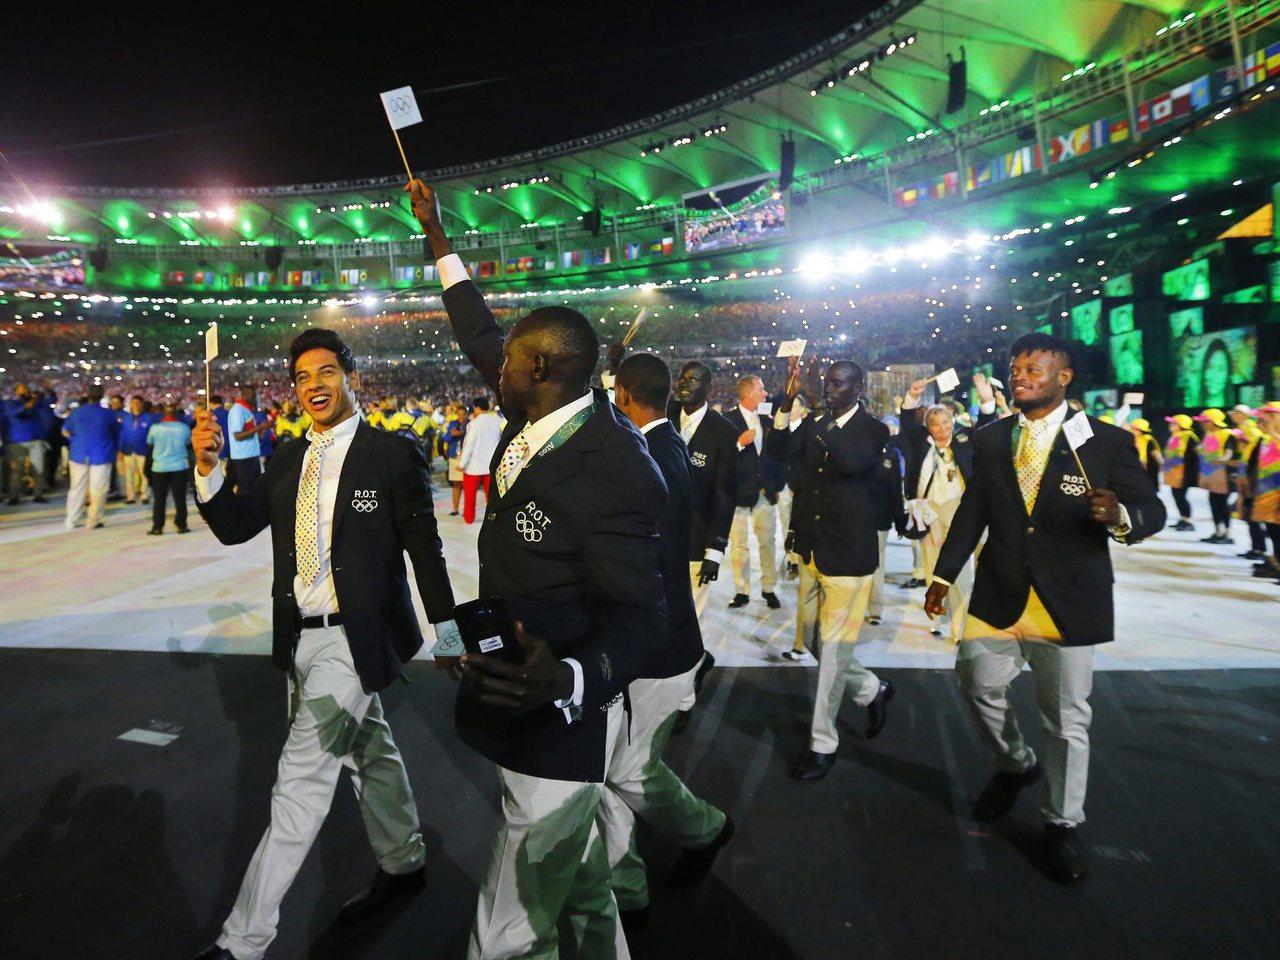 Equipa dos refugiados nos Jogos Olímpicos